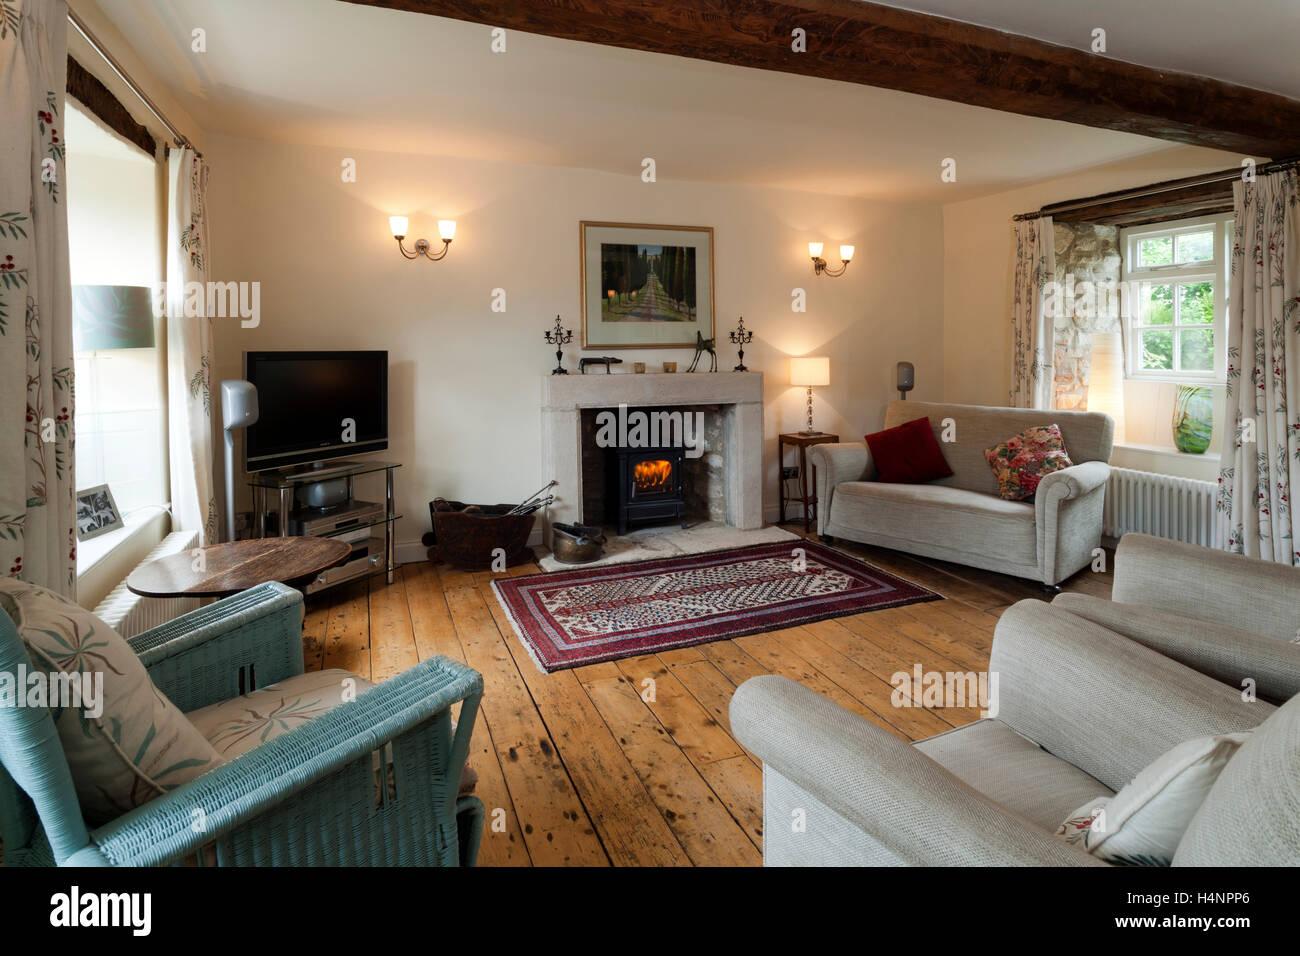 Abisolierten Dielen Und Einfache Einrichtung In Einem Zeitraum Ferienhaus  Wohnzimmer